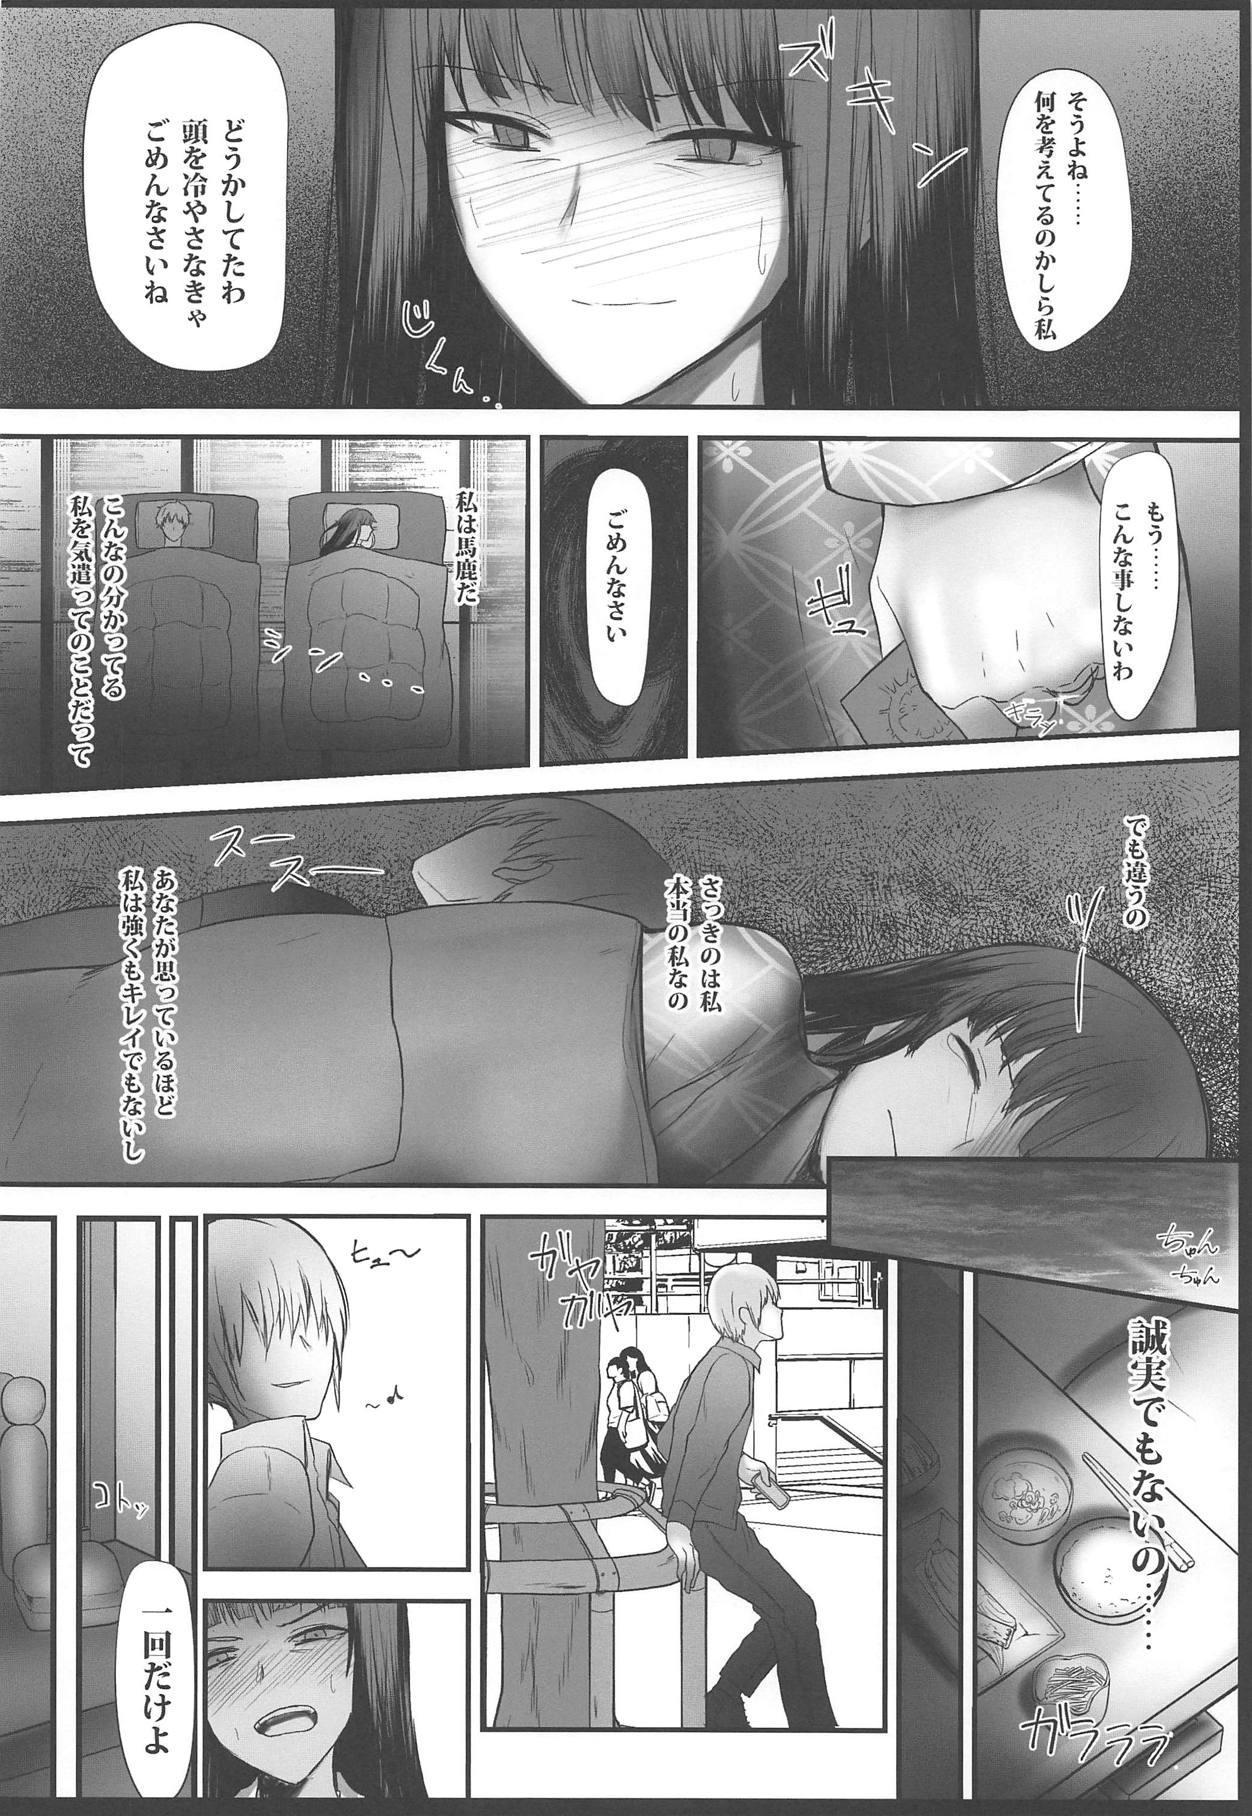 (COMIC1☆15) [Flaming Dragon (Bouto)] Tsuyoi Sensha no Kowashikata NTR Zenpen -Nishizumi-ryuu Iemoto Nishizumi Shiho Shihan no Baai- (Girls und Panzer) 10